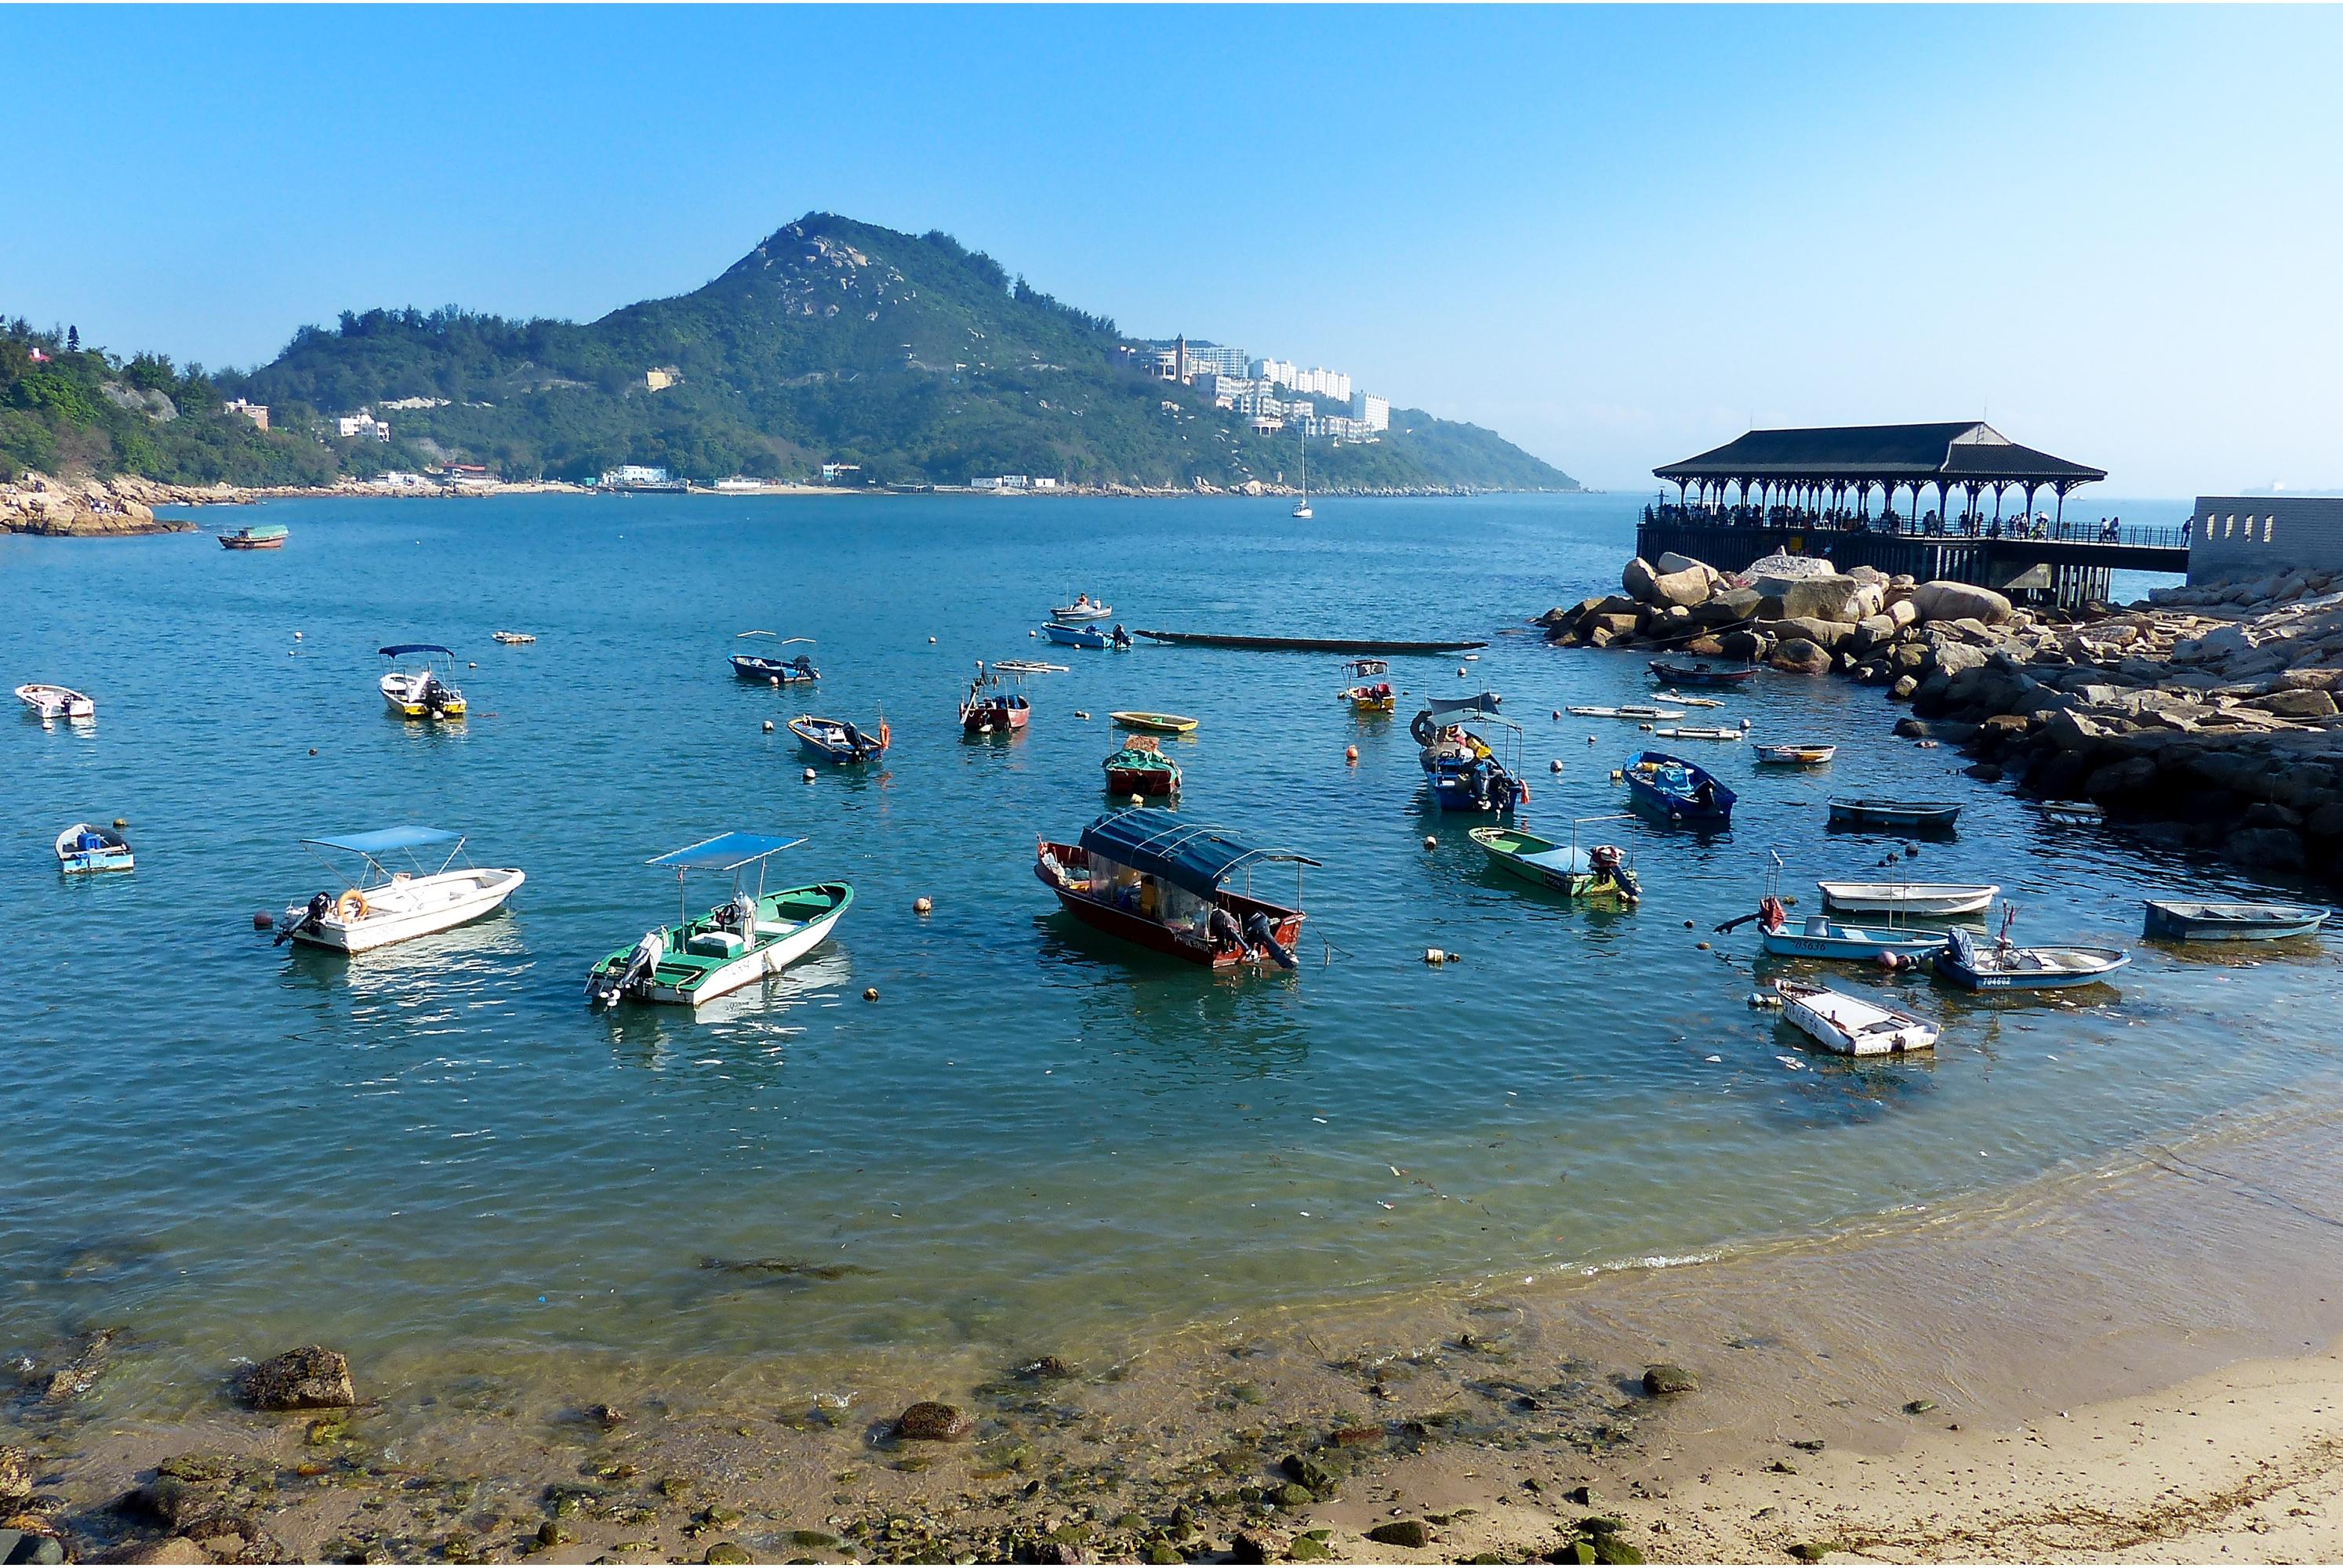 香港南丫岛渔民文化村 神风洞 天虹海鲜酒家 欣赏维港景色 索罟湾一